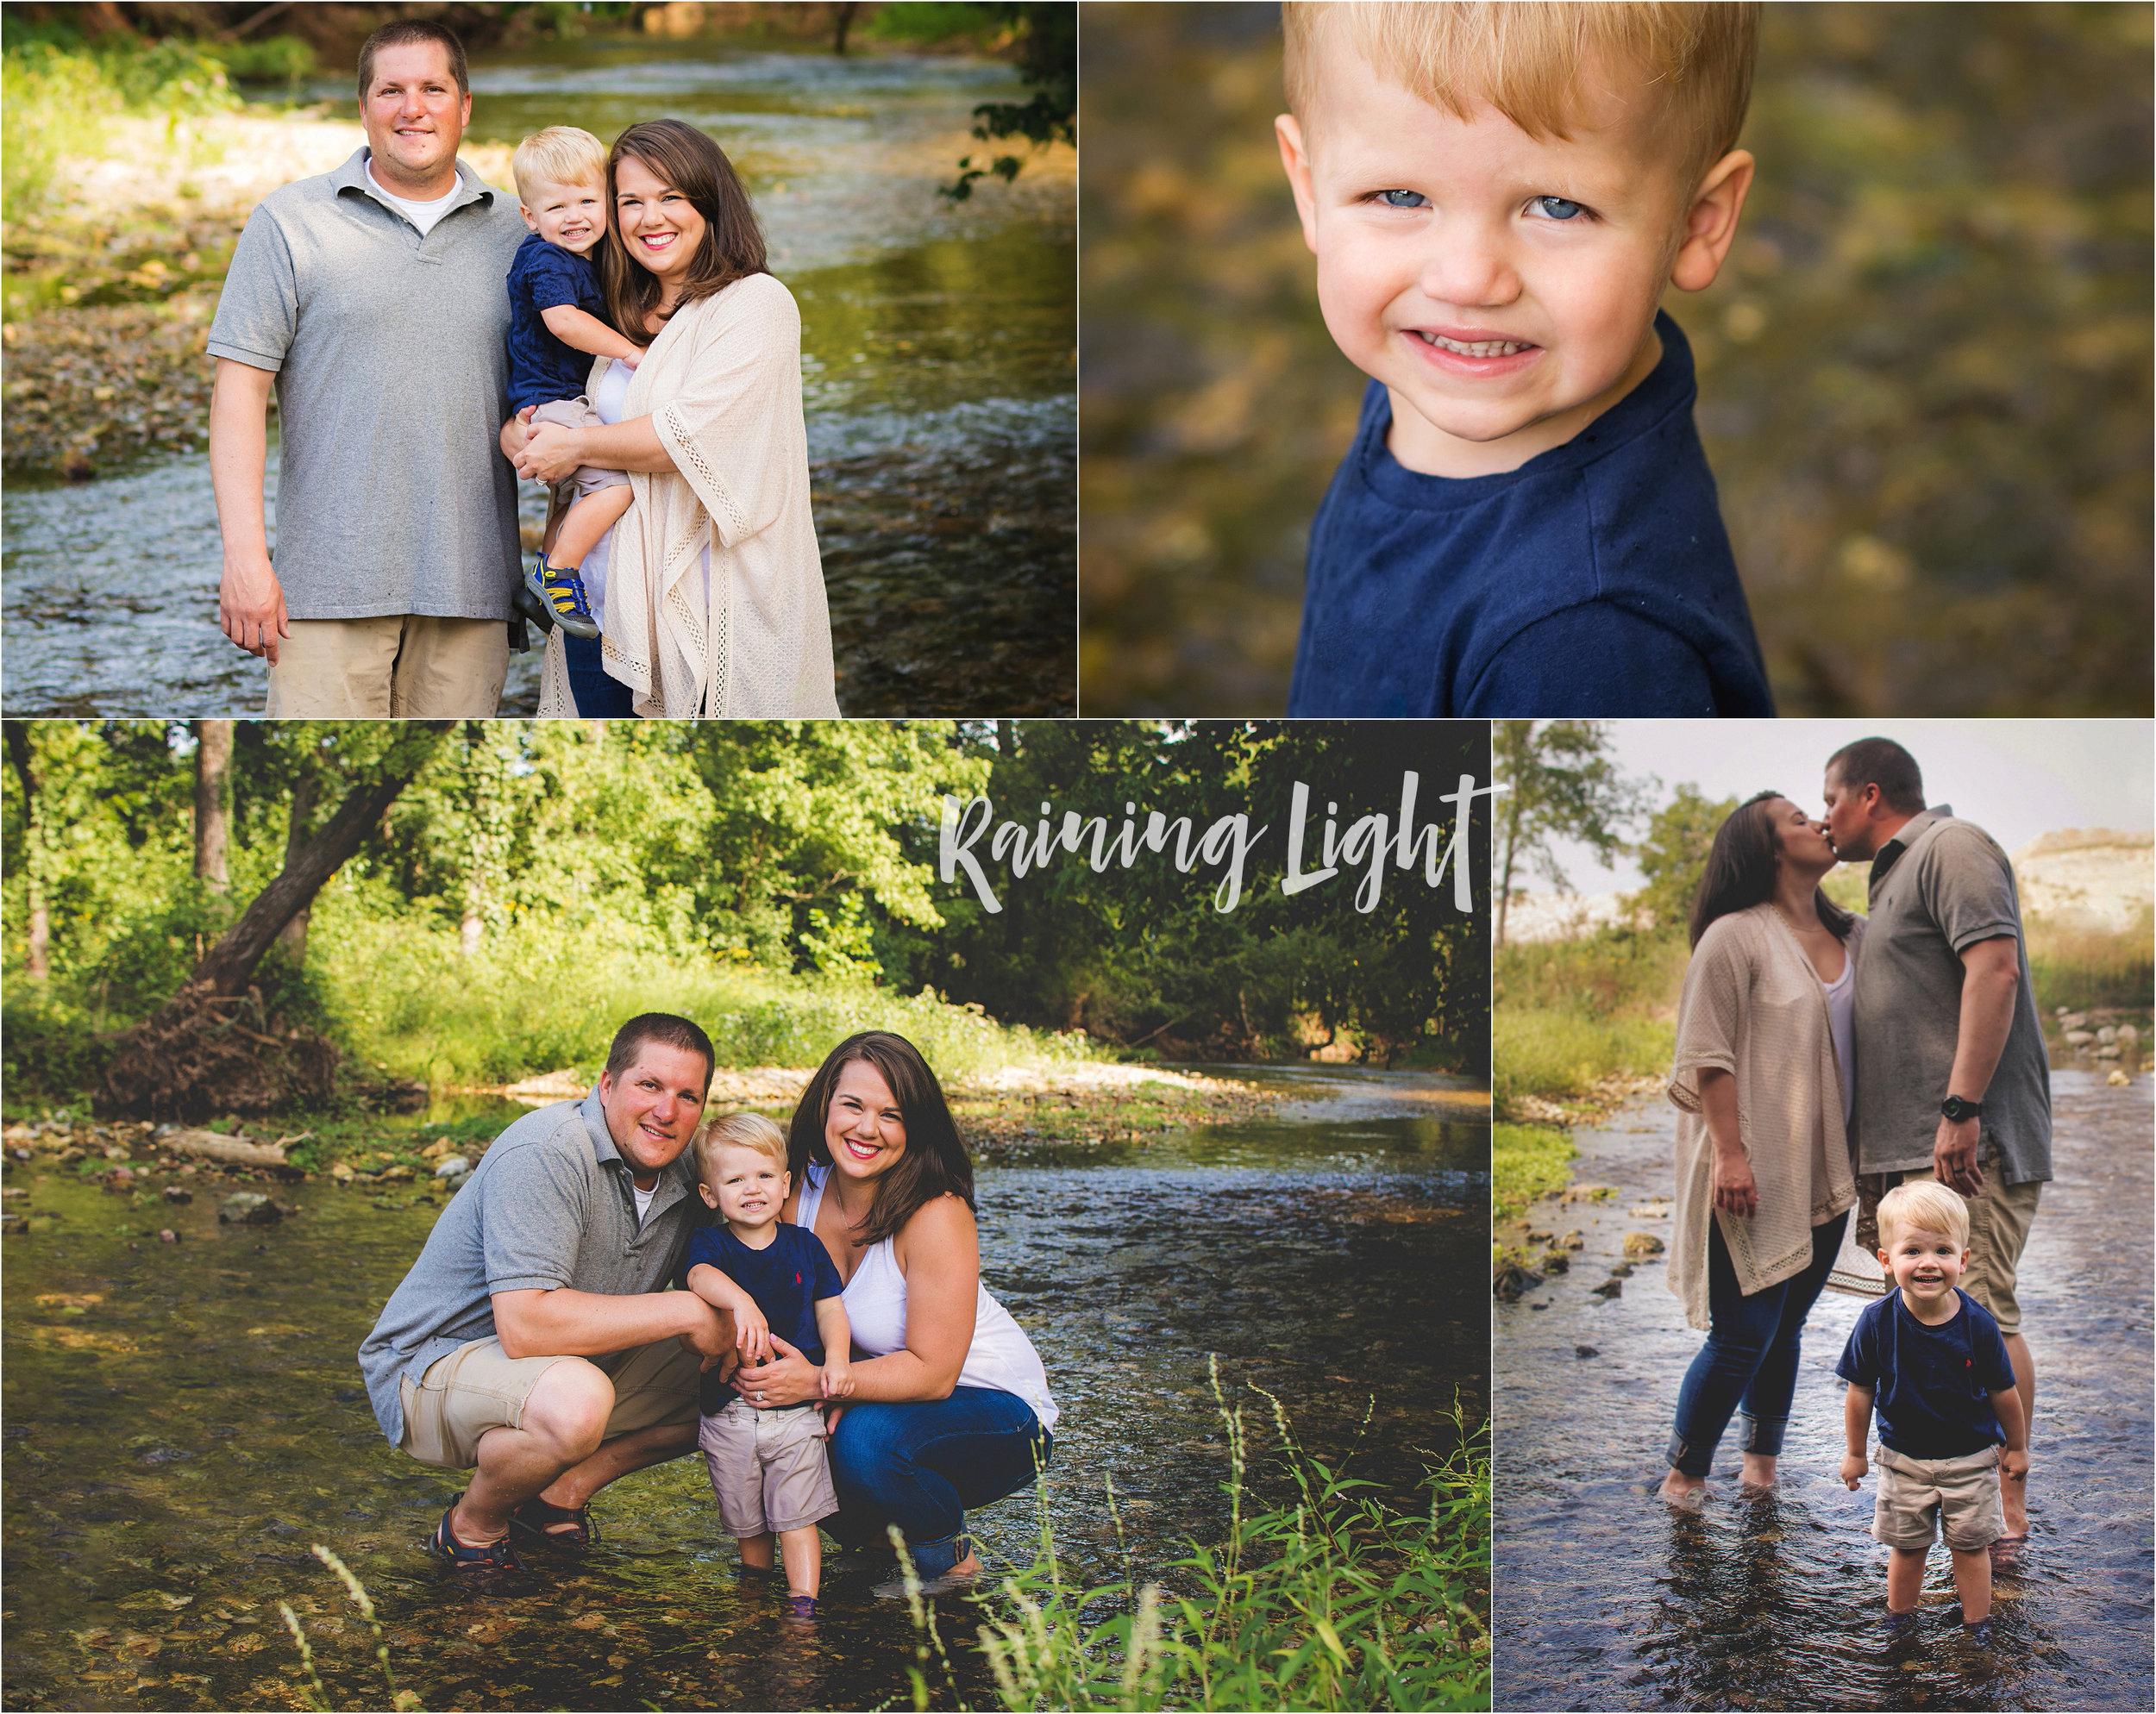 raininglightphotos-L2bday-L002.jpg